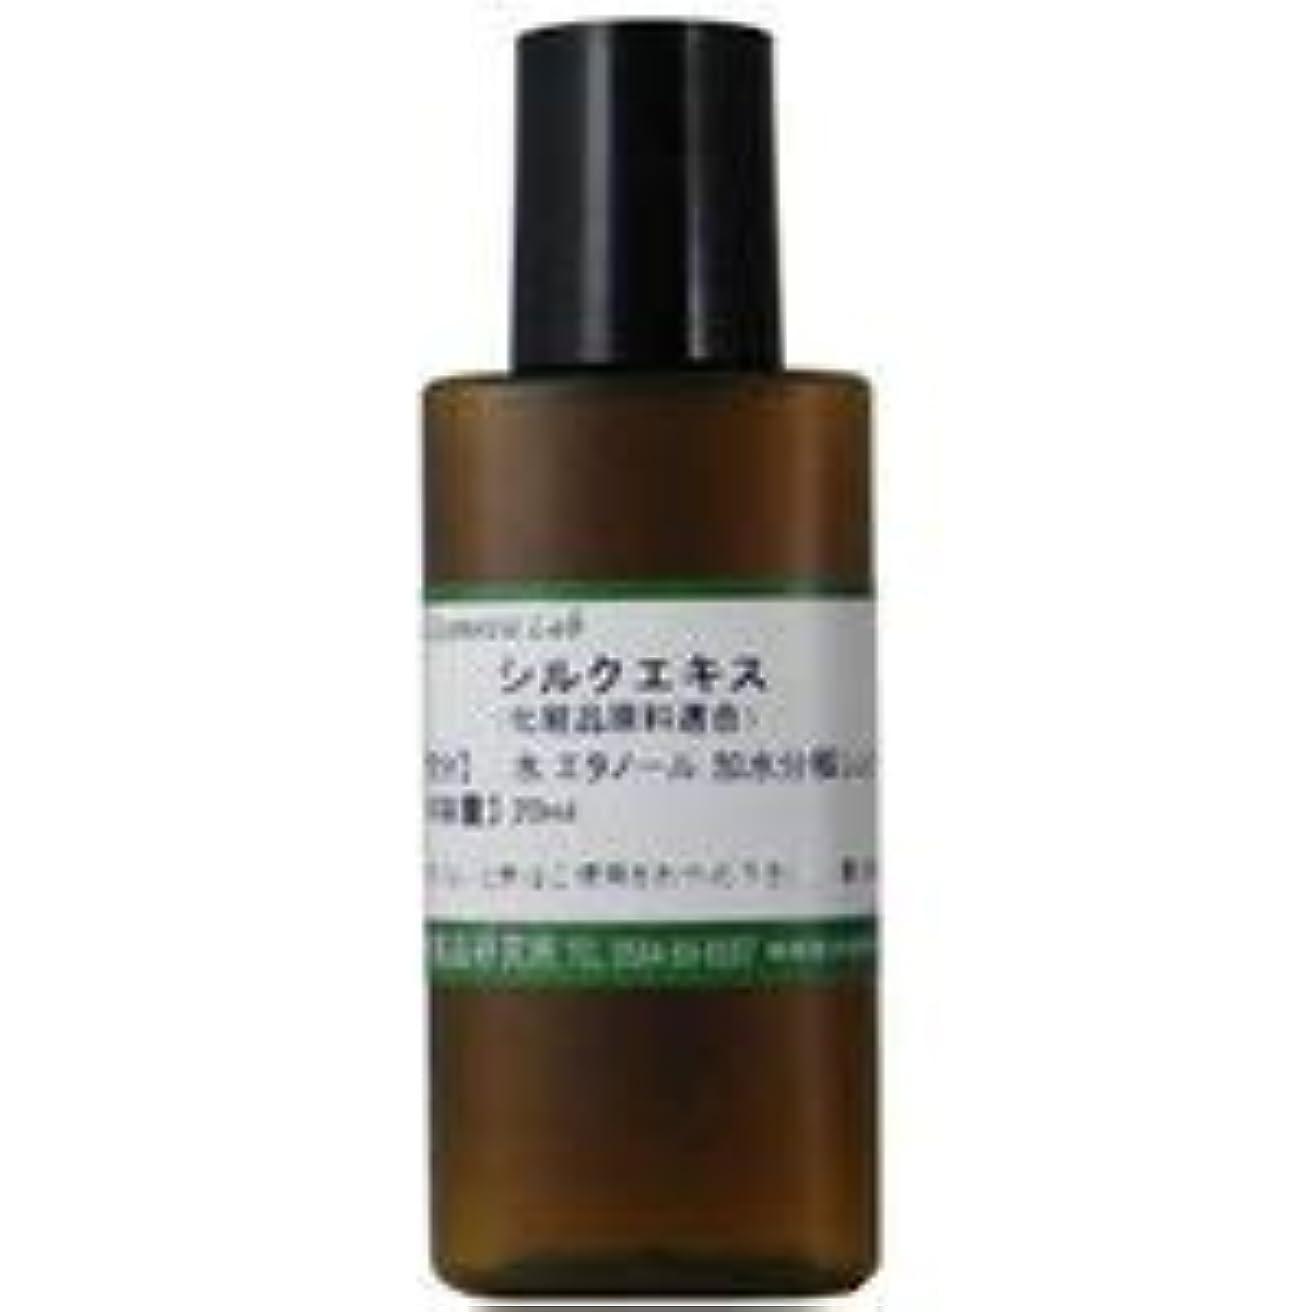 サーマルシャットマットレスシルクエキス 20ml 【手作り化粧品原料】